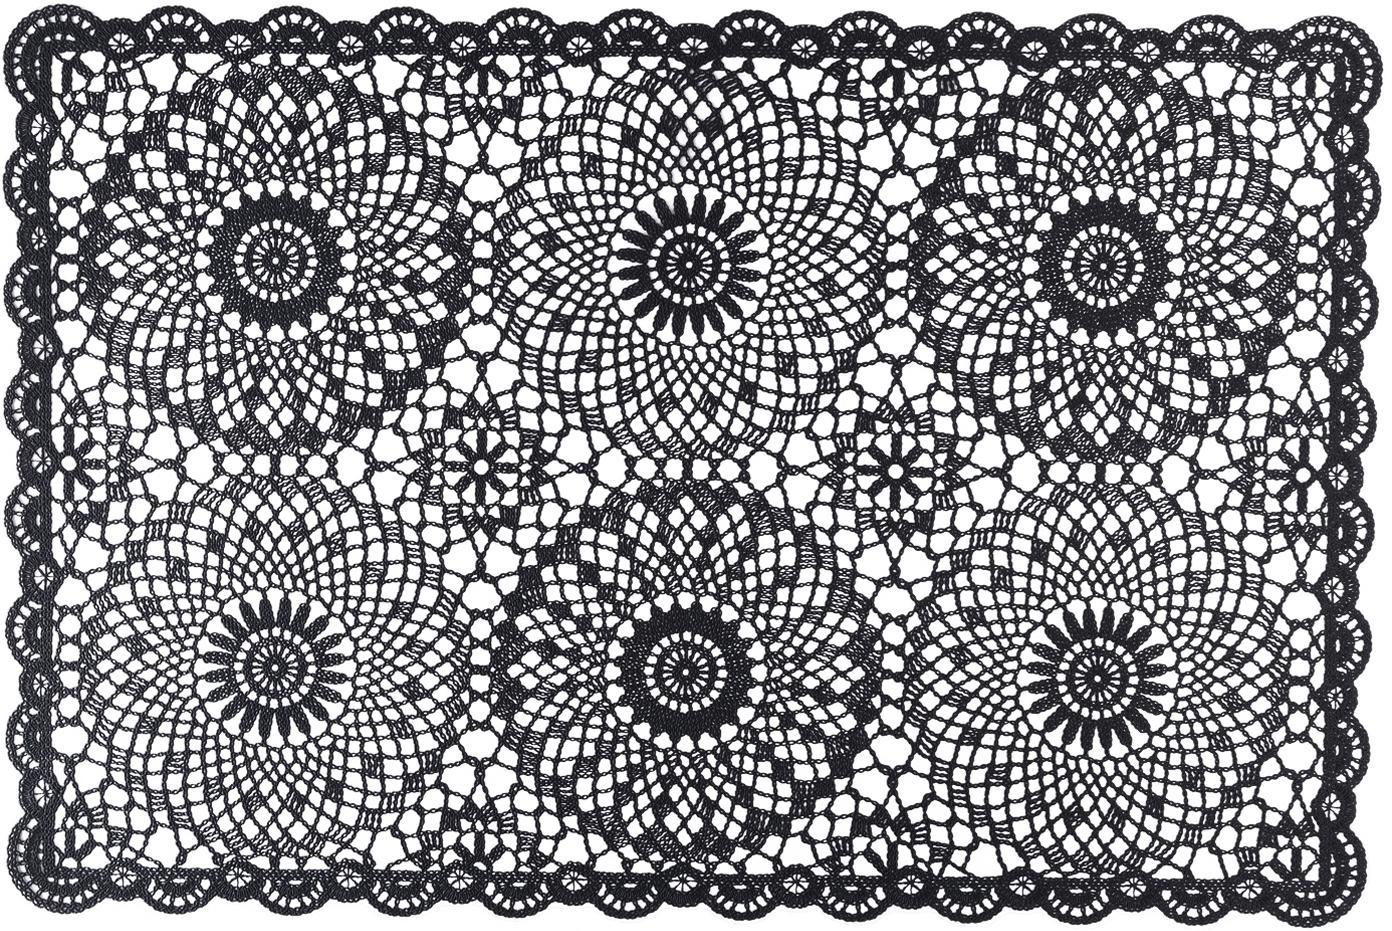 Kunststoff-Tischset Crochet, 4 Stück, Kunststoff (PVC), Schwarz, 30 x 45 cm